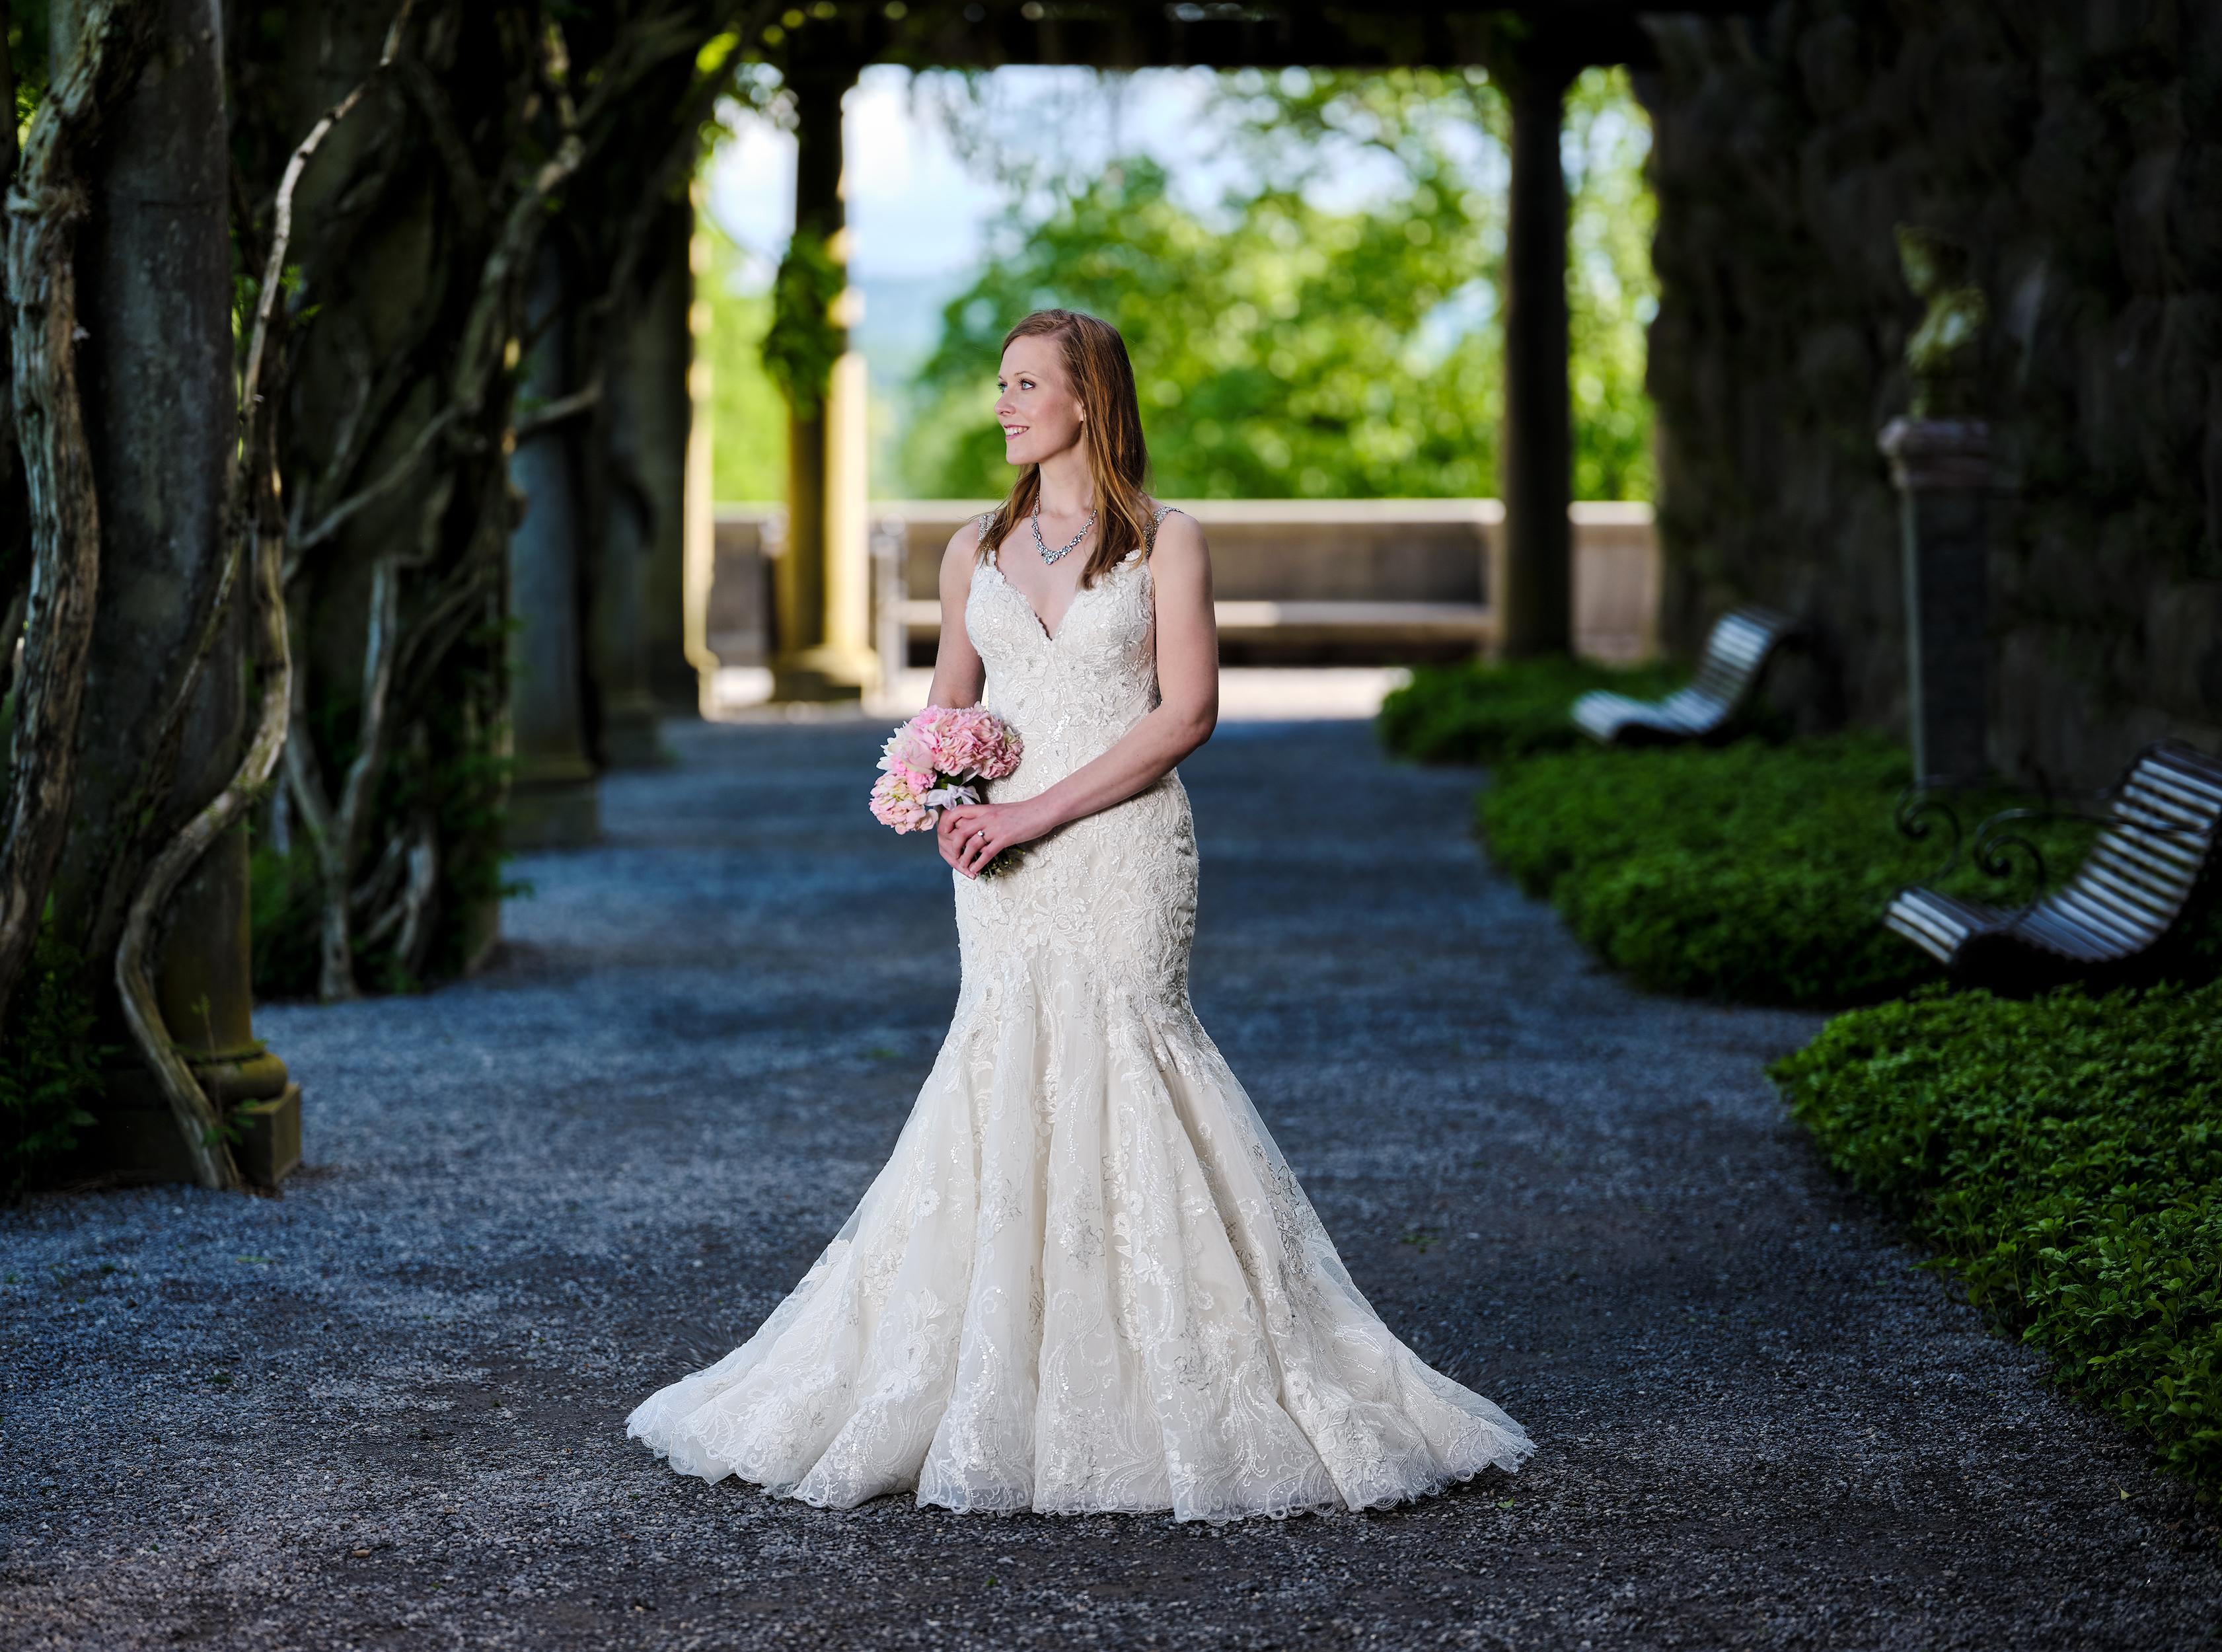 The bride - edit